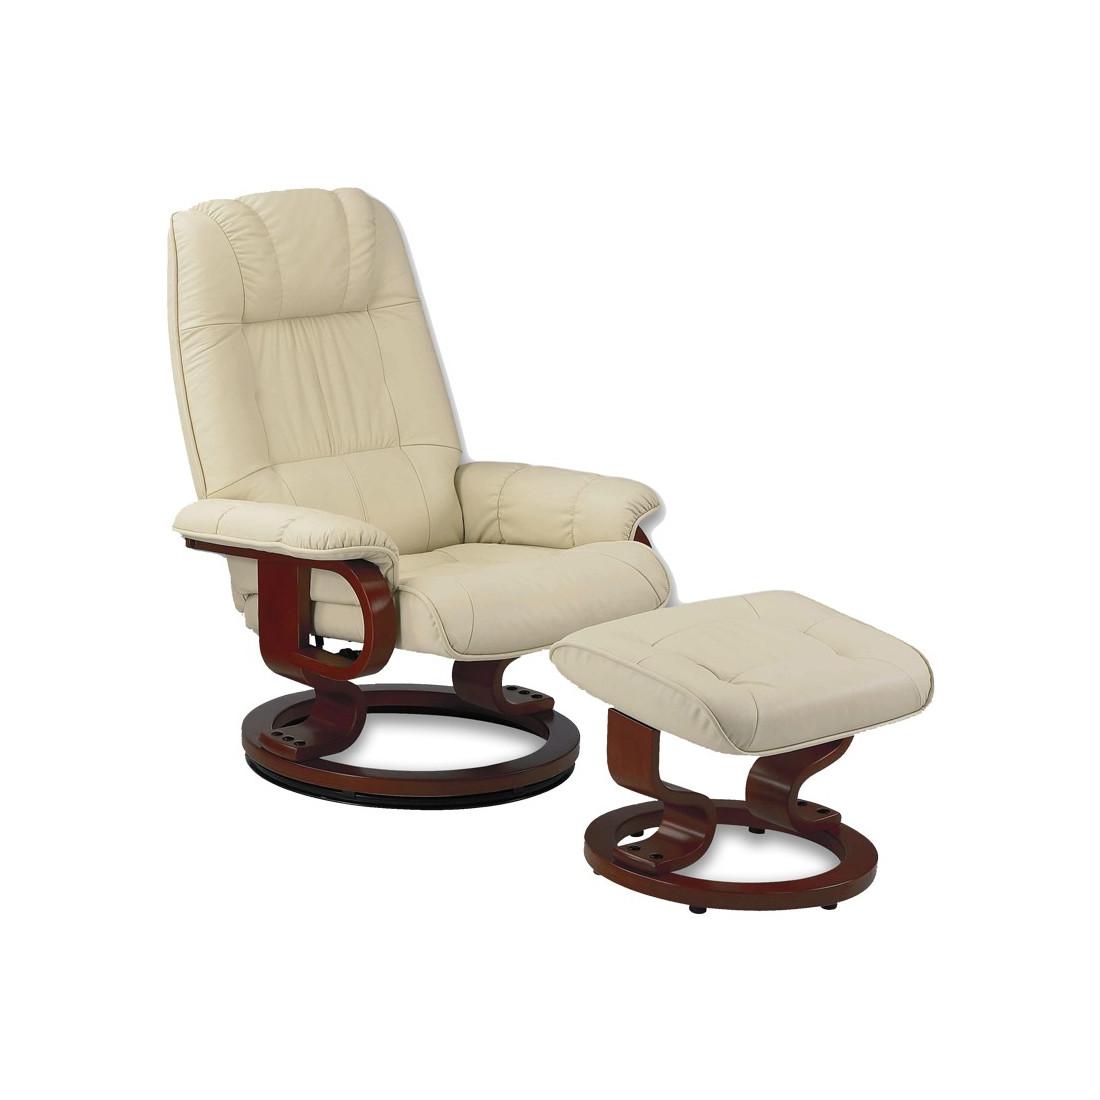 fauteuil de relaxation cuir beige univers du salon tousmesmeubles. Black Bedroom Furniture Sets. Home Design Ideas